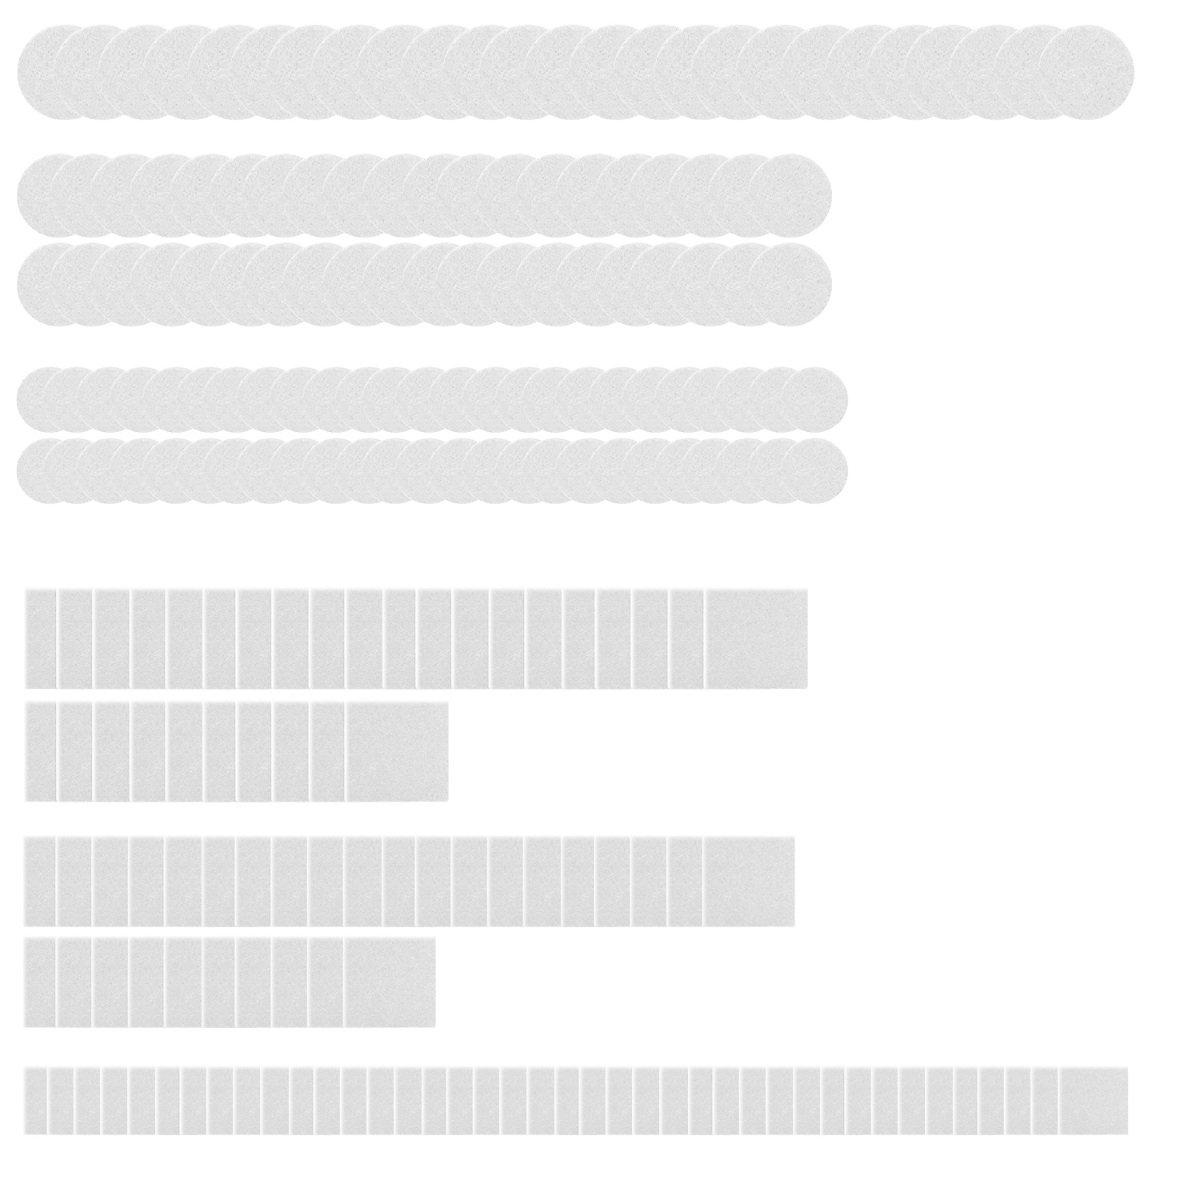 Navaris Bodengleiter Selbstklebend f/ür M/öbel Kork Gleiter Set 215-teilig Bodenschutz Pads f/ür Stuhl Fliesen Parkett Stuhlgleiter Hellbraun